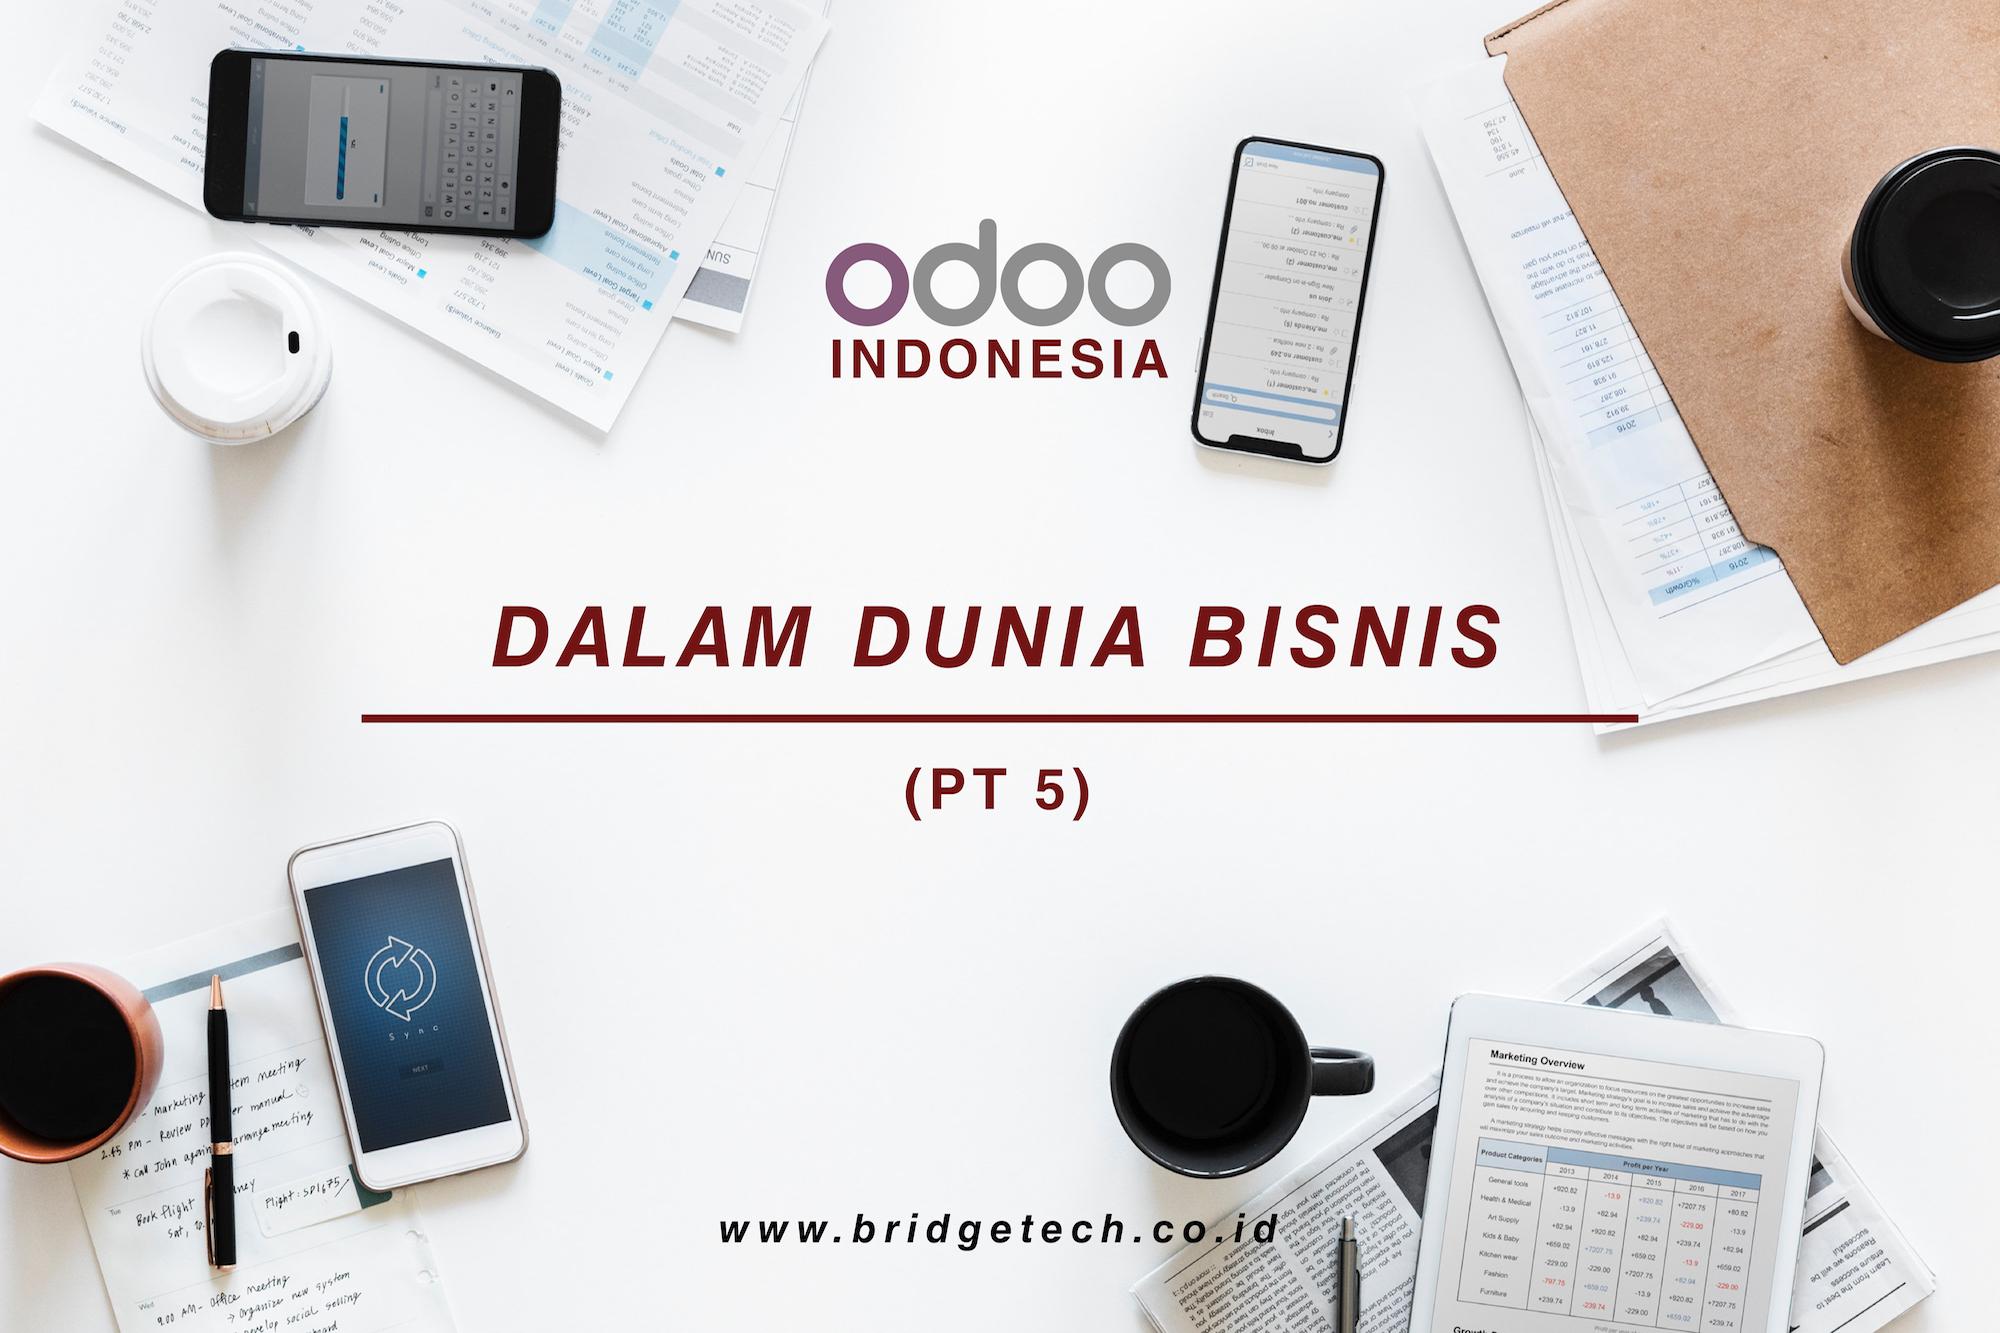 Odoo Indonesia dalam dunia bisnis (Pt.5)